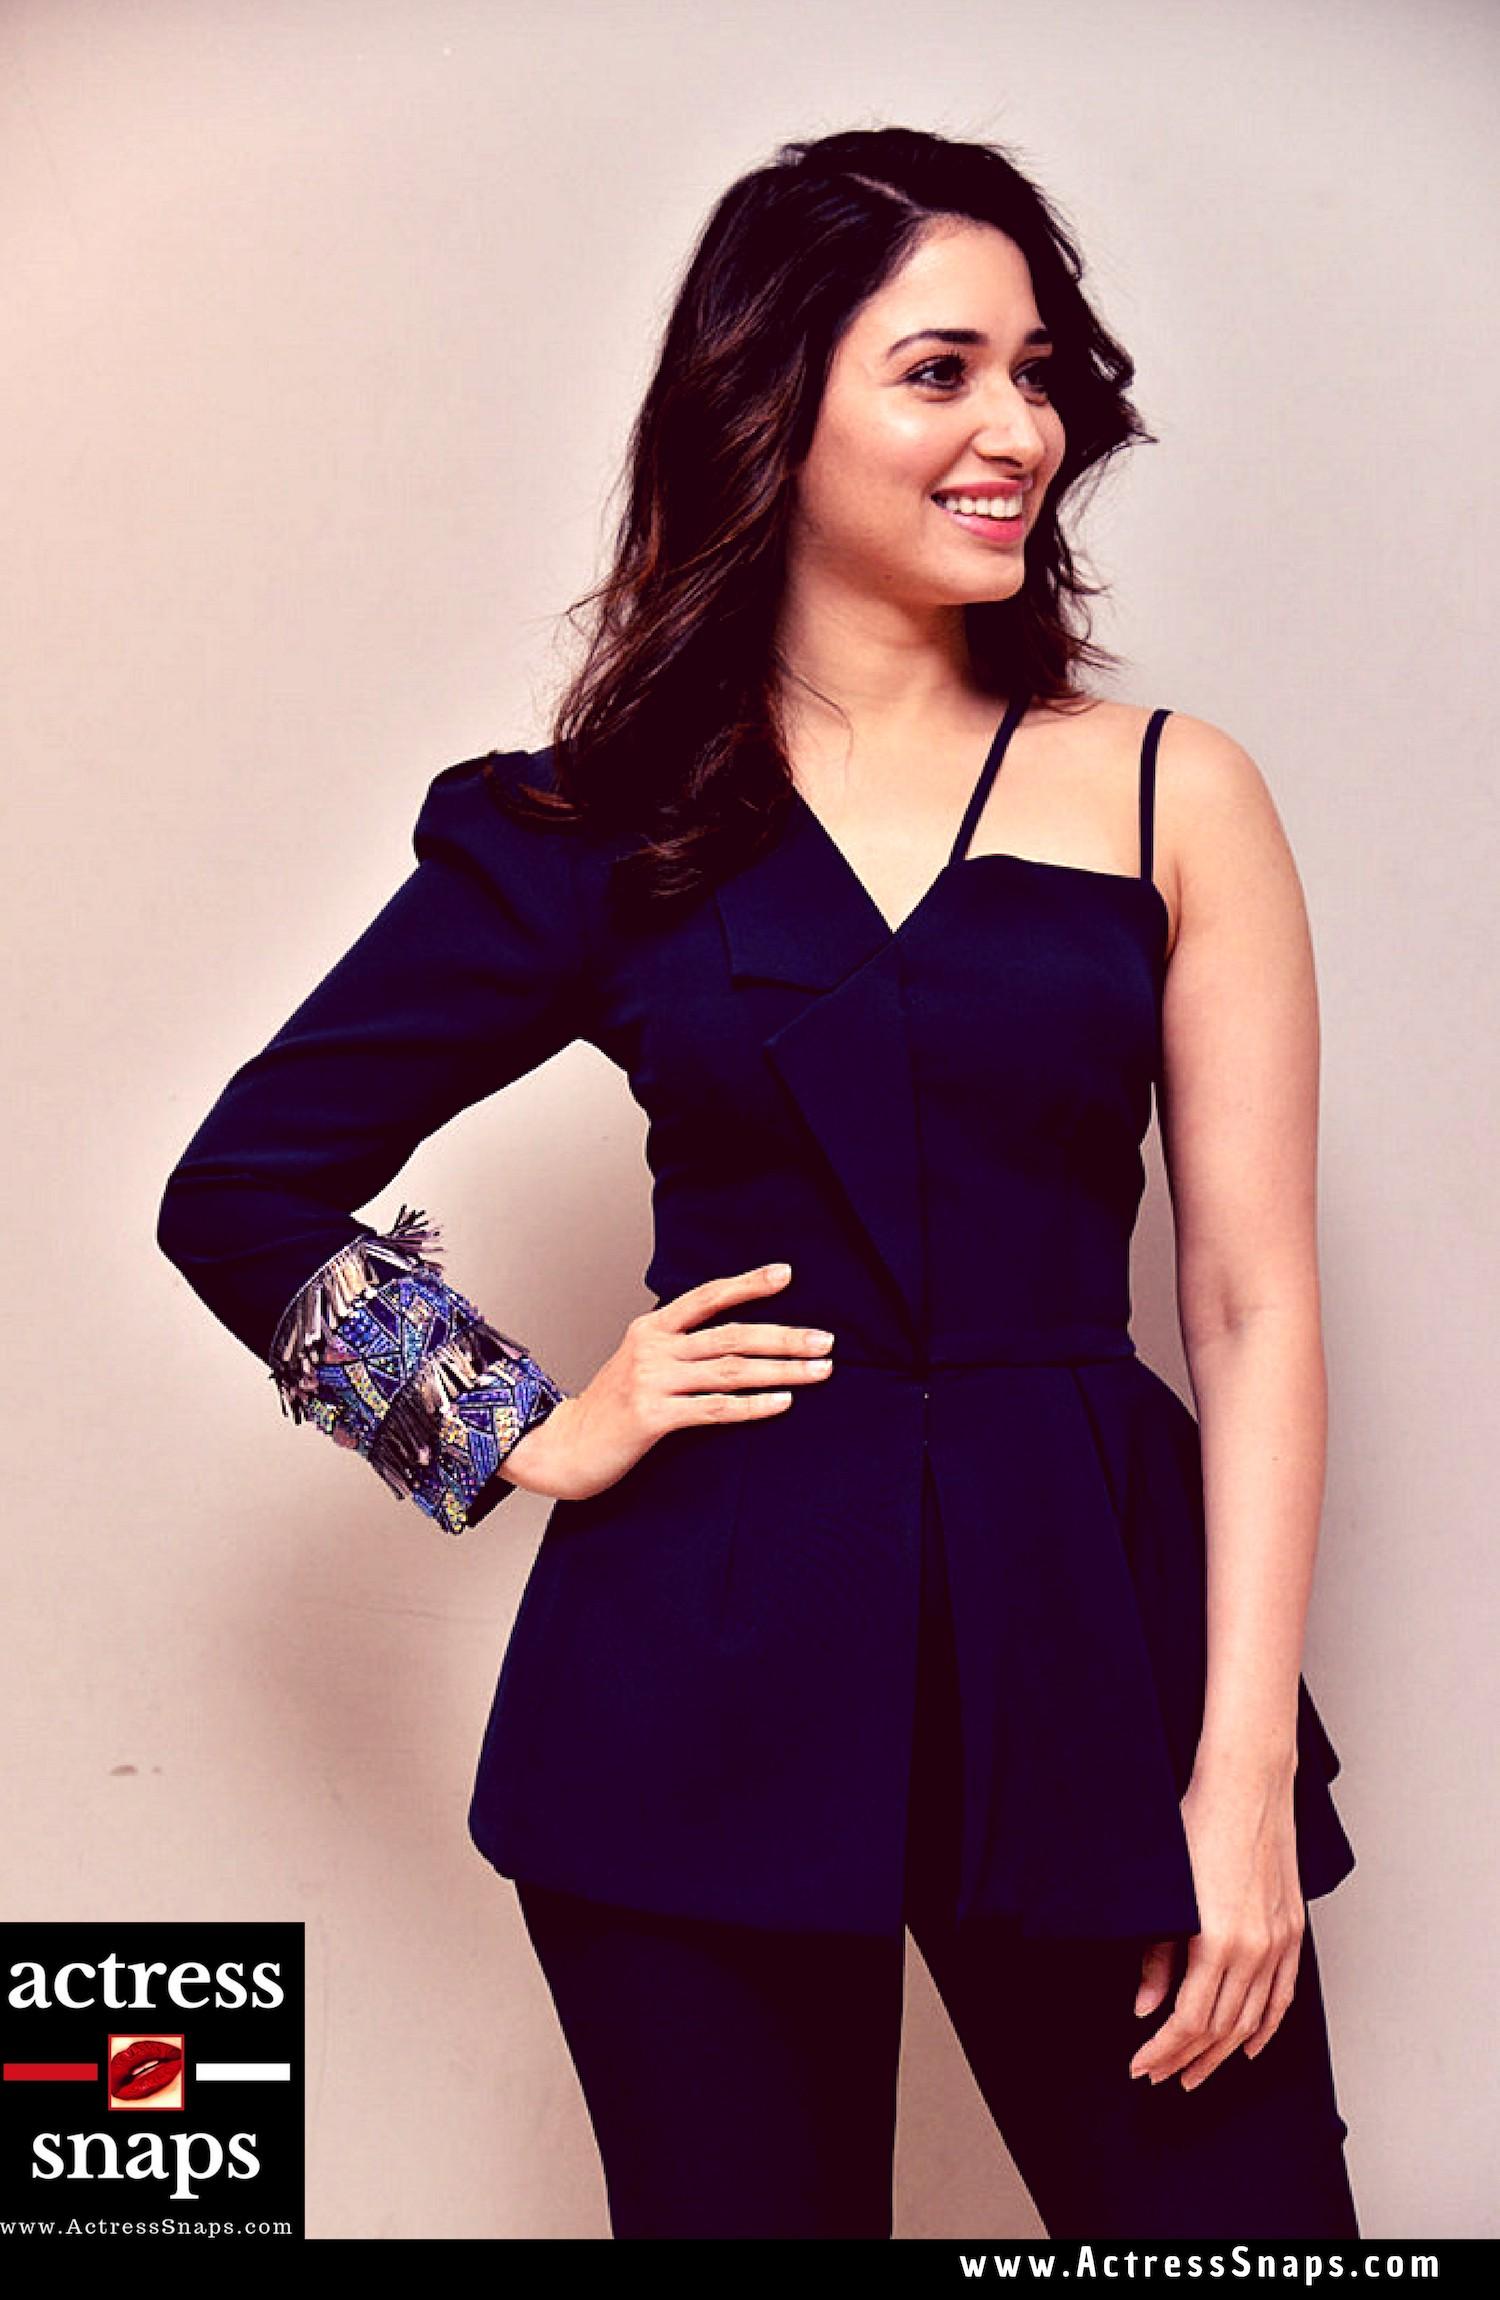 Latest Tamanna Photos - Sexy Actress Pictures | Hot Actress Pictures - ActressSnaps.com